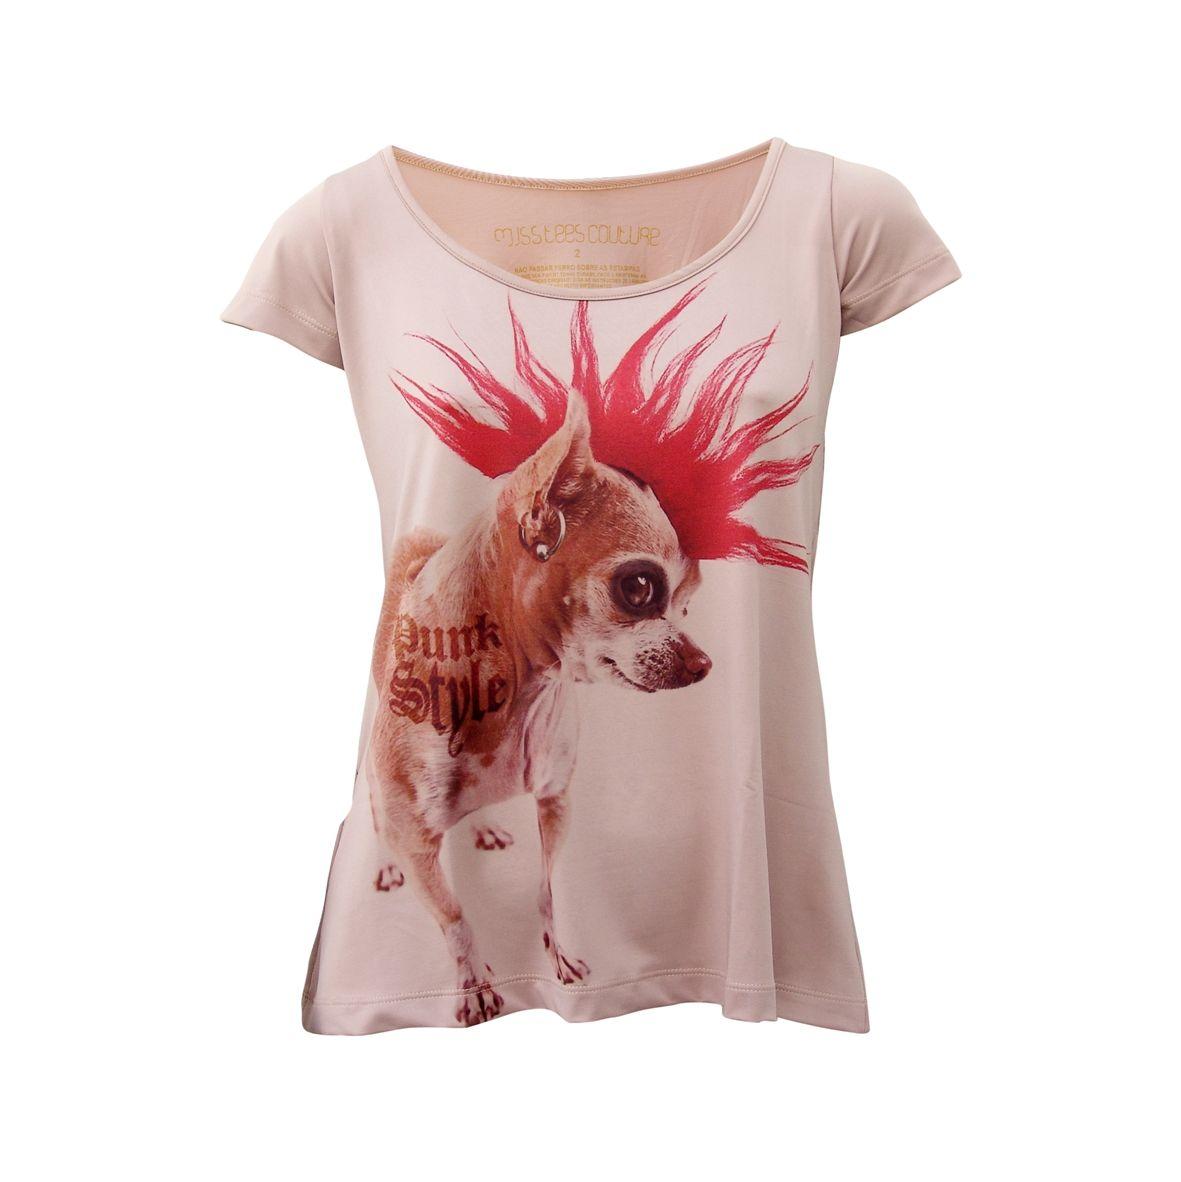 Camiseta Pintcher Punk - Chic 4ever1181 x 1182352.2KBchic4ever.com.br